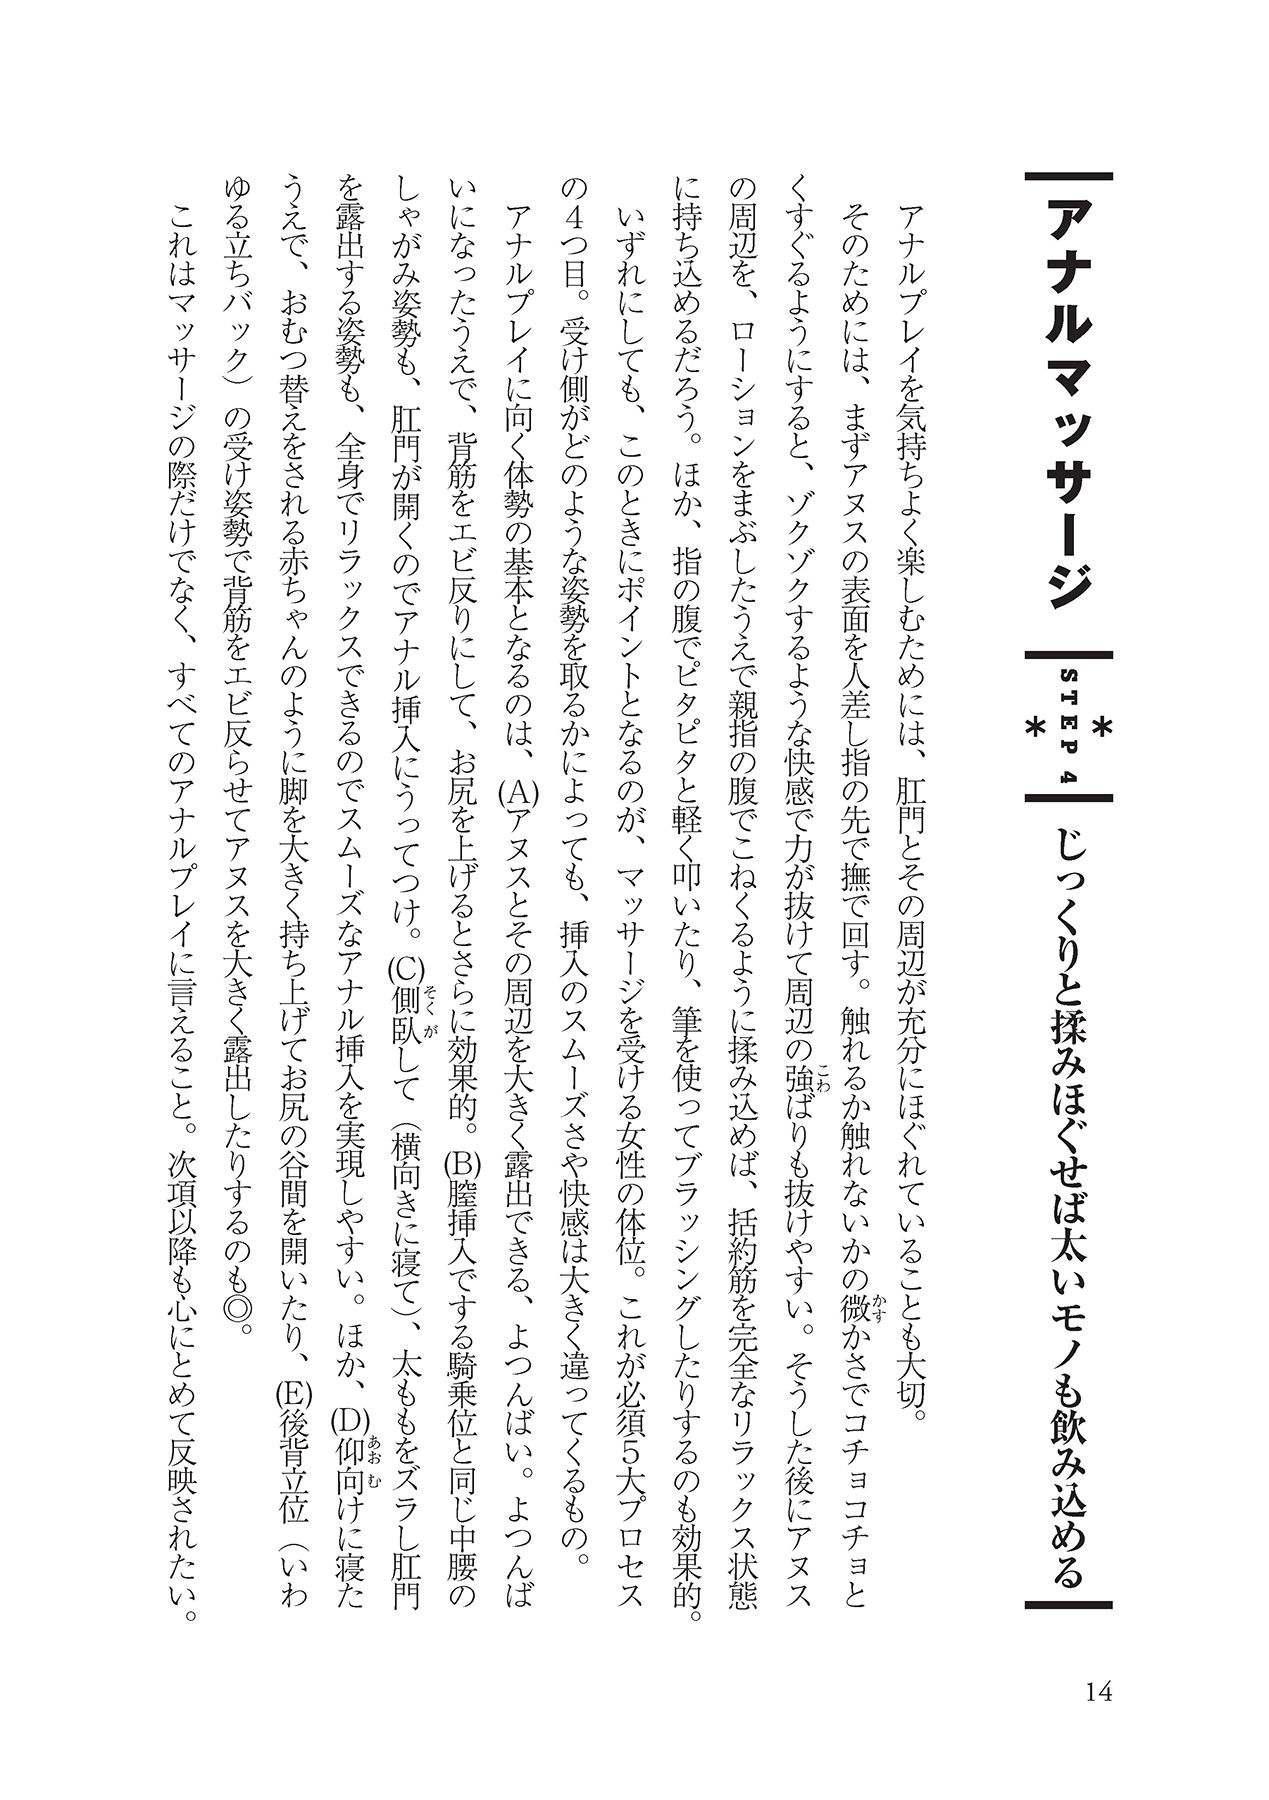 アナル性感開発・お尻エッチ 完全マニュアル 15